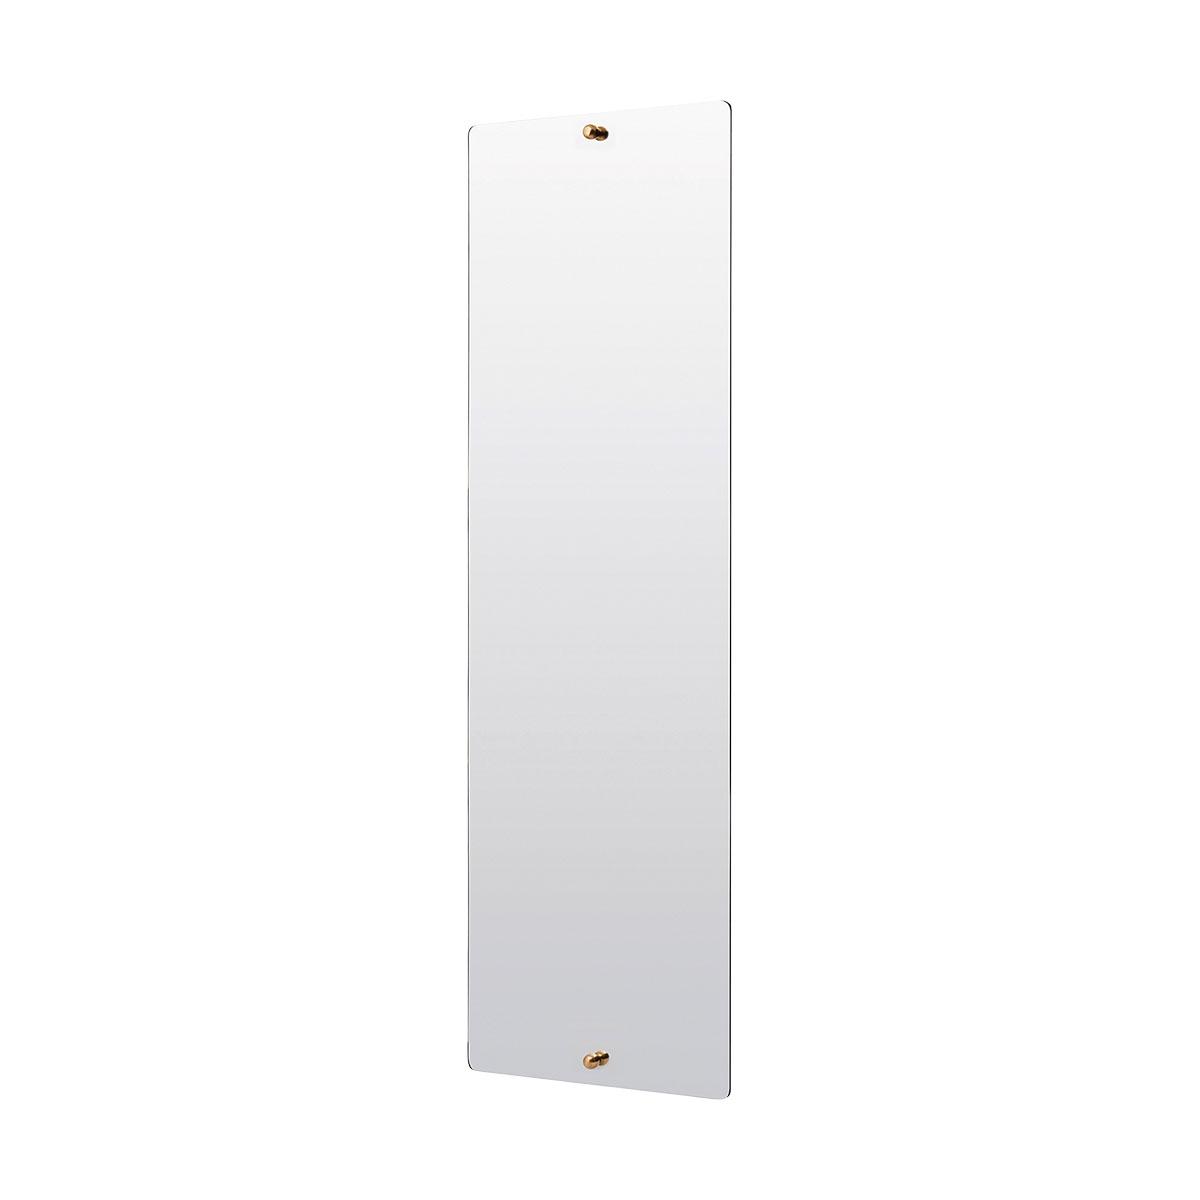 House doctor frameless rammeløst spejl fra house doctor på boboonline.dk